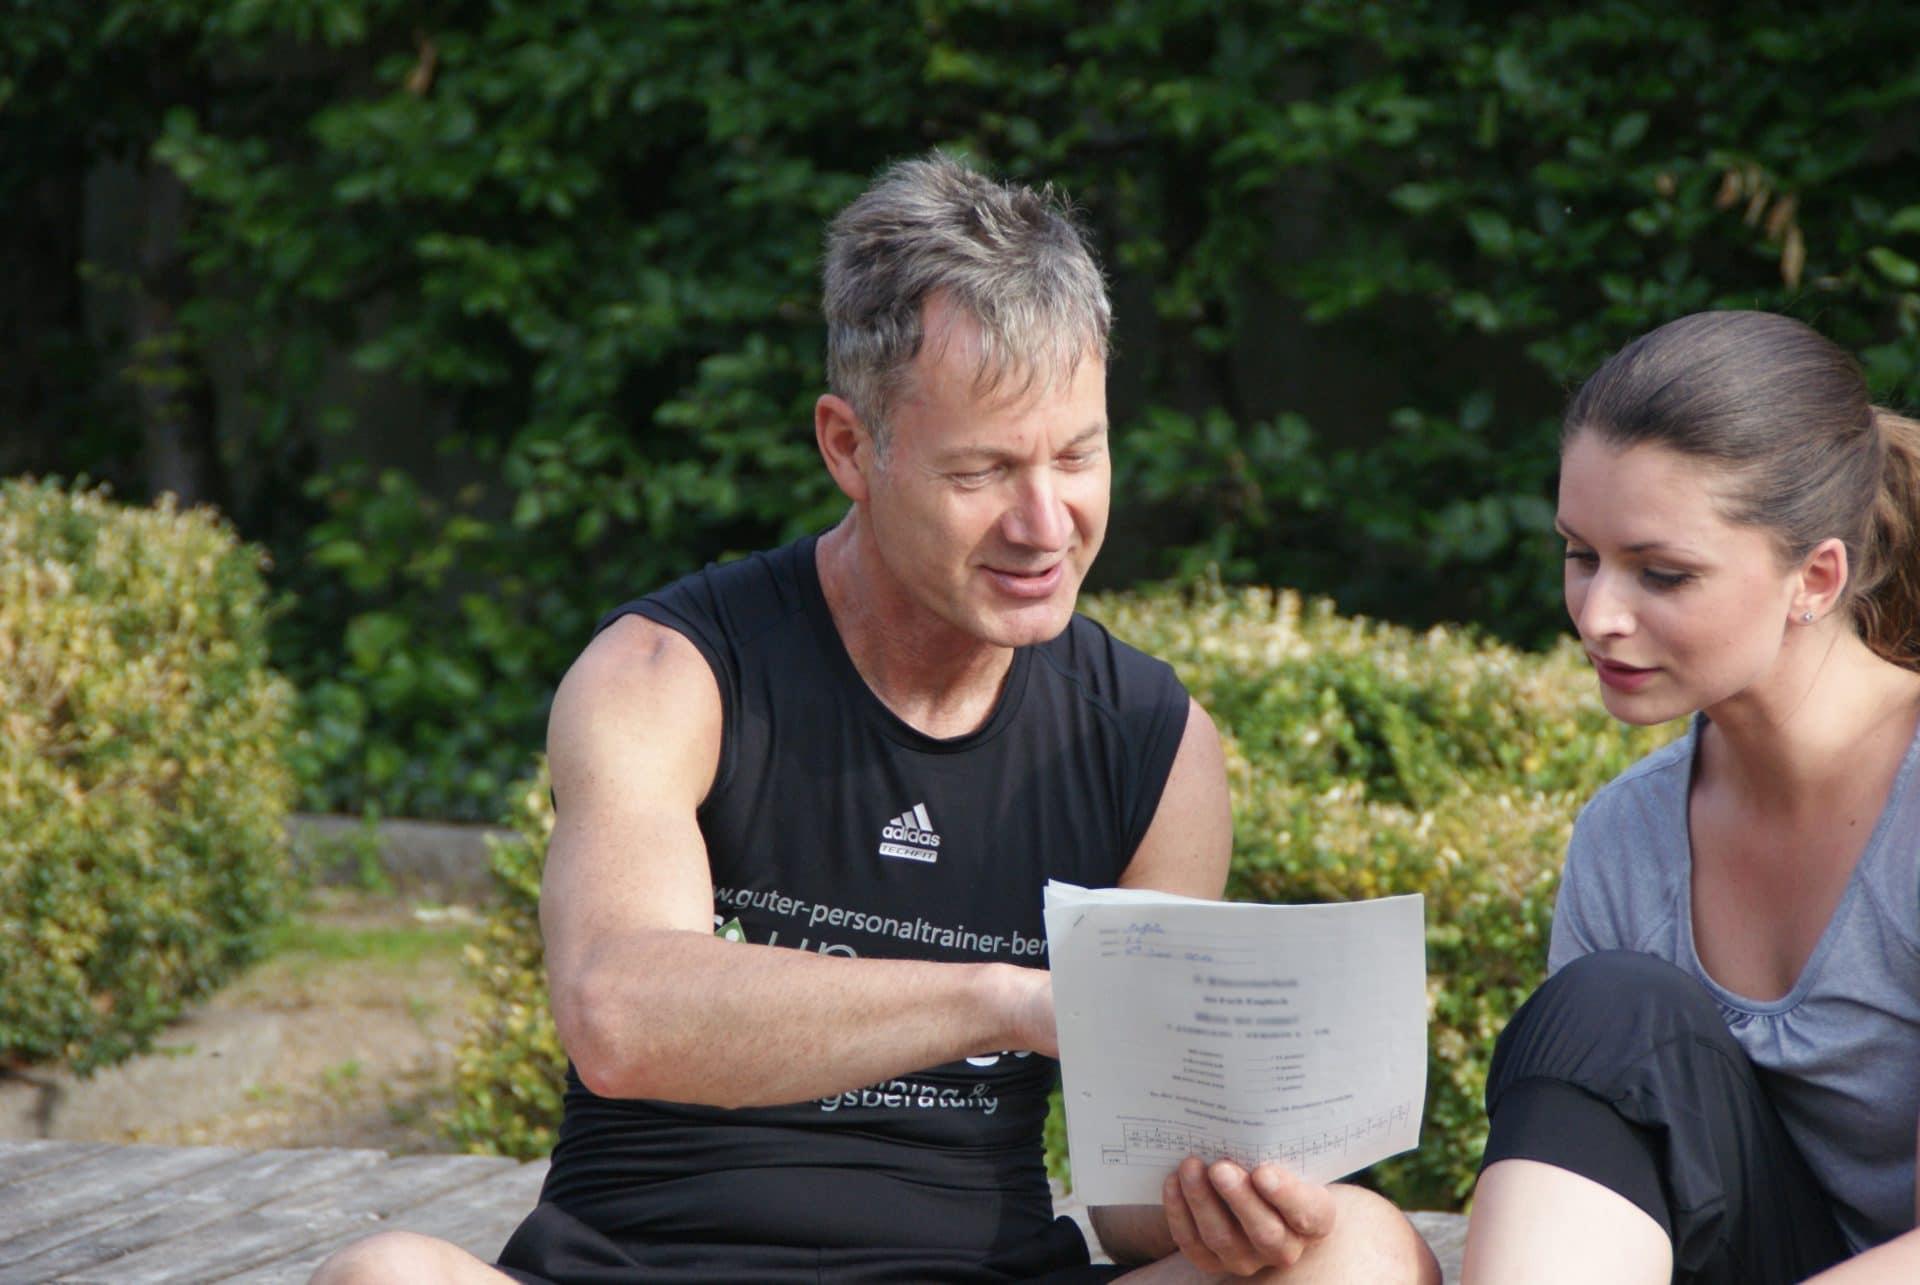 Coach und Personal Trainer für Fitness